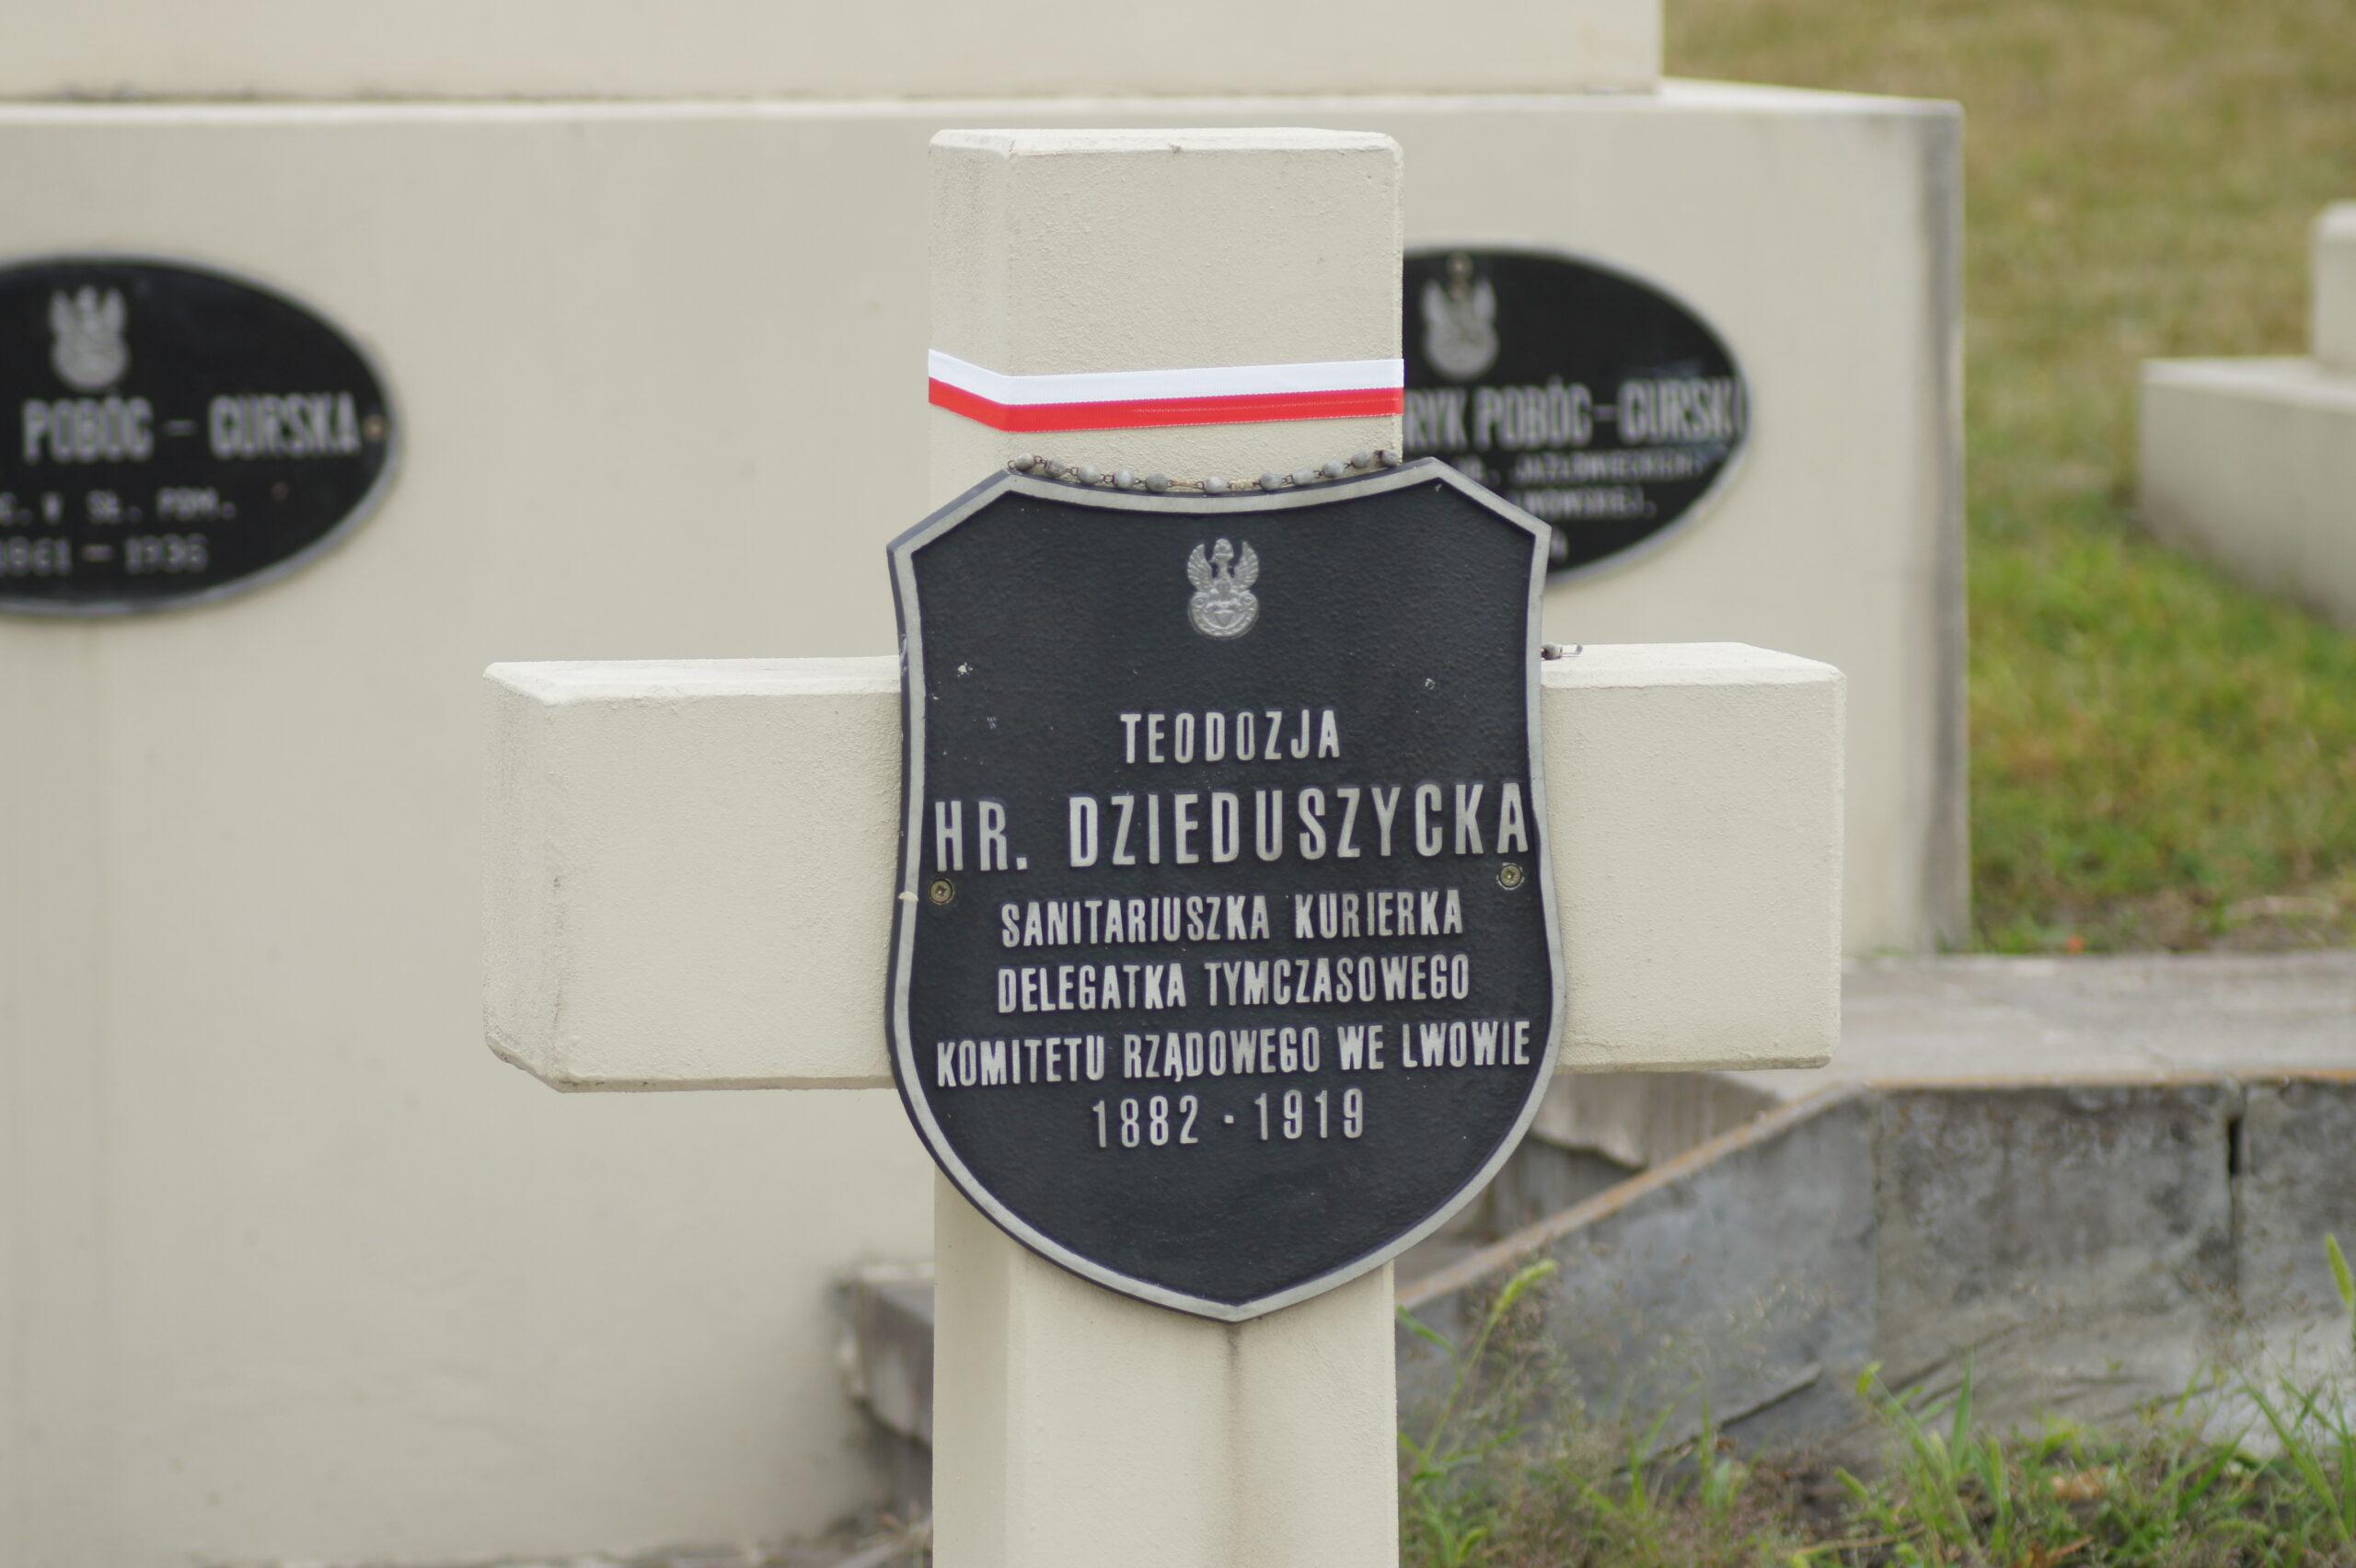 Cmentarz Orląt Lwowskich – grób Teodozji Dzieduszyckiej